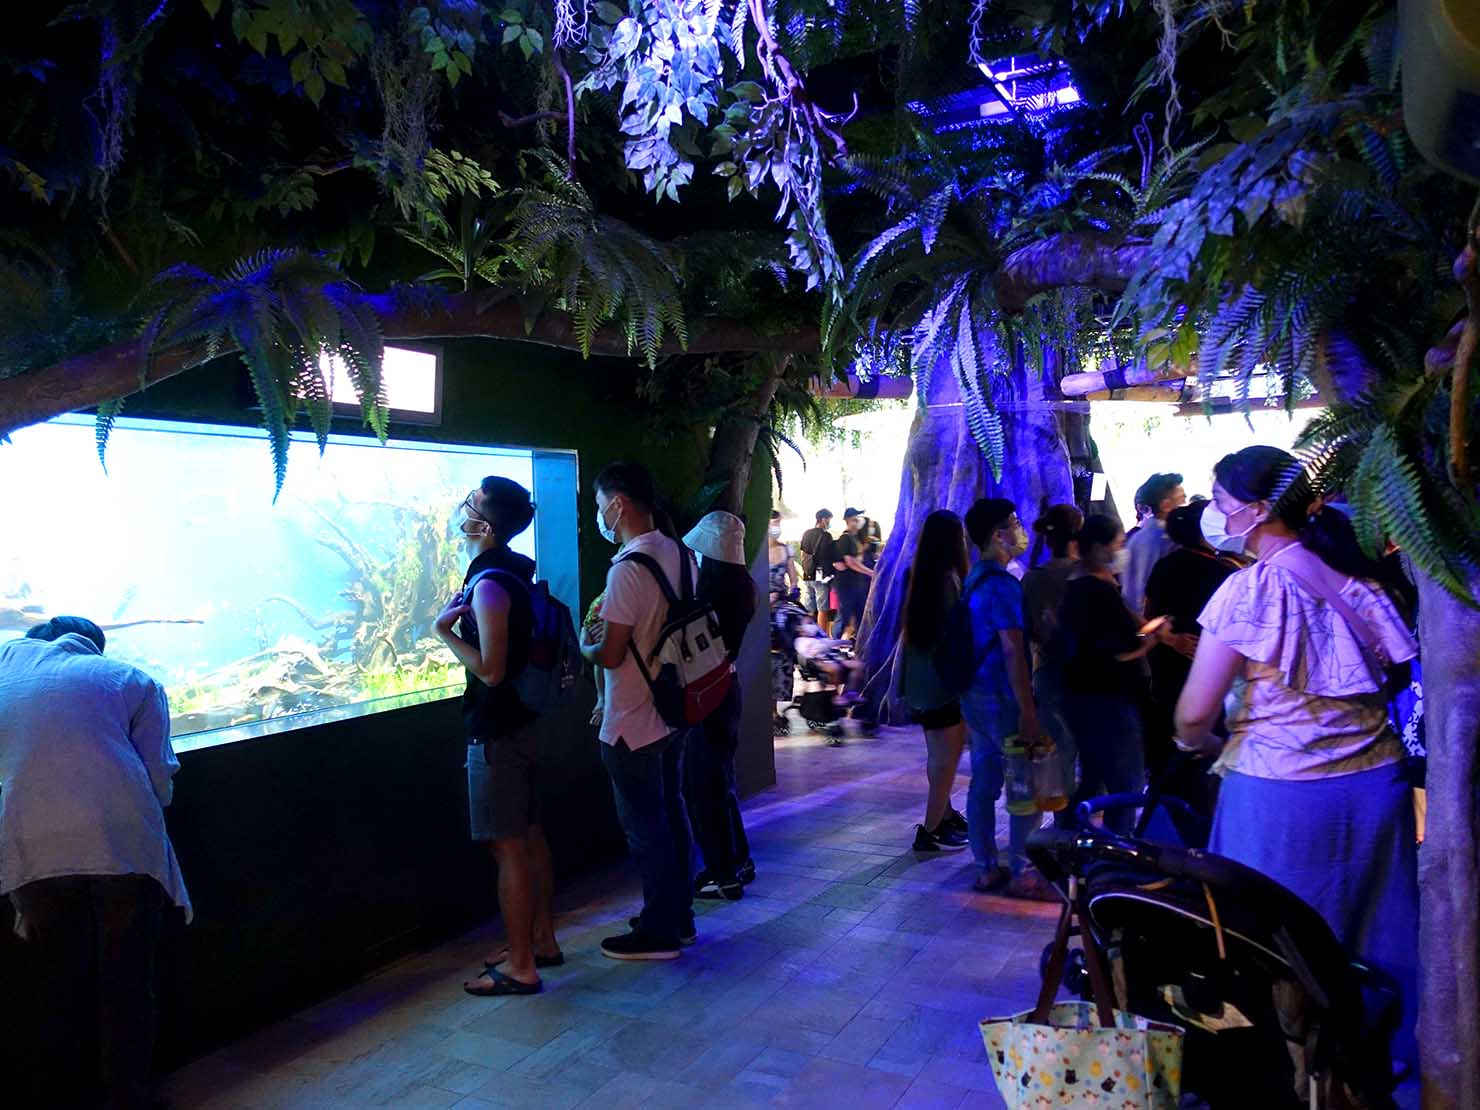 台北に誕生した都市型水族館「Xpark」内エリア「雨林探險」のエントランス